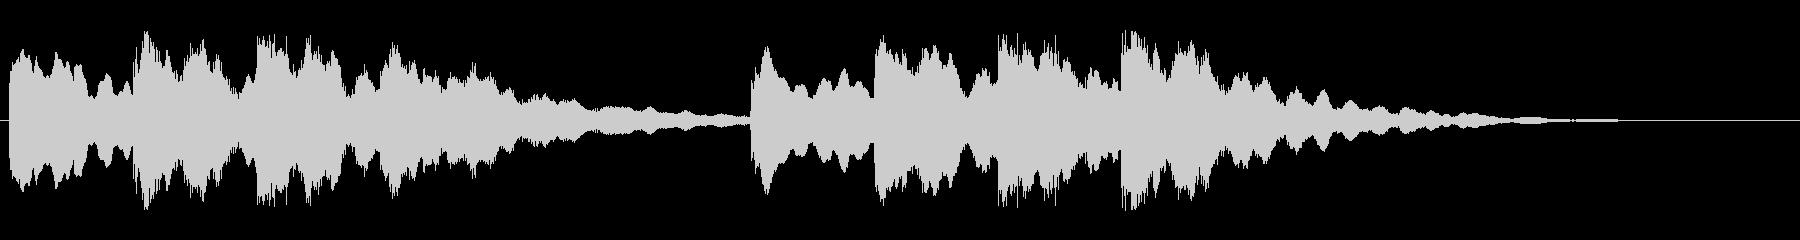 キーンコーンカーンコーン01(遅め1回)の未再生の波形